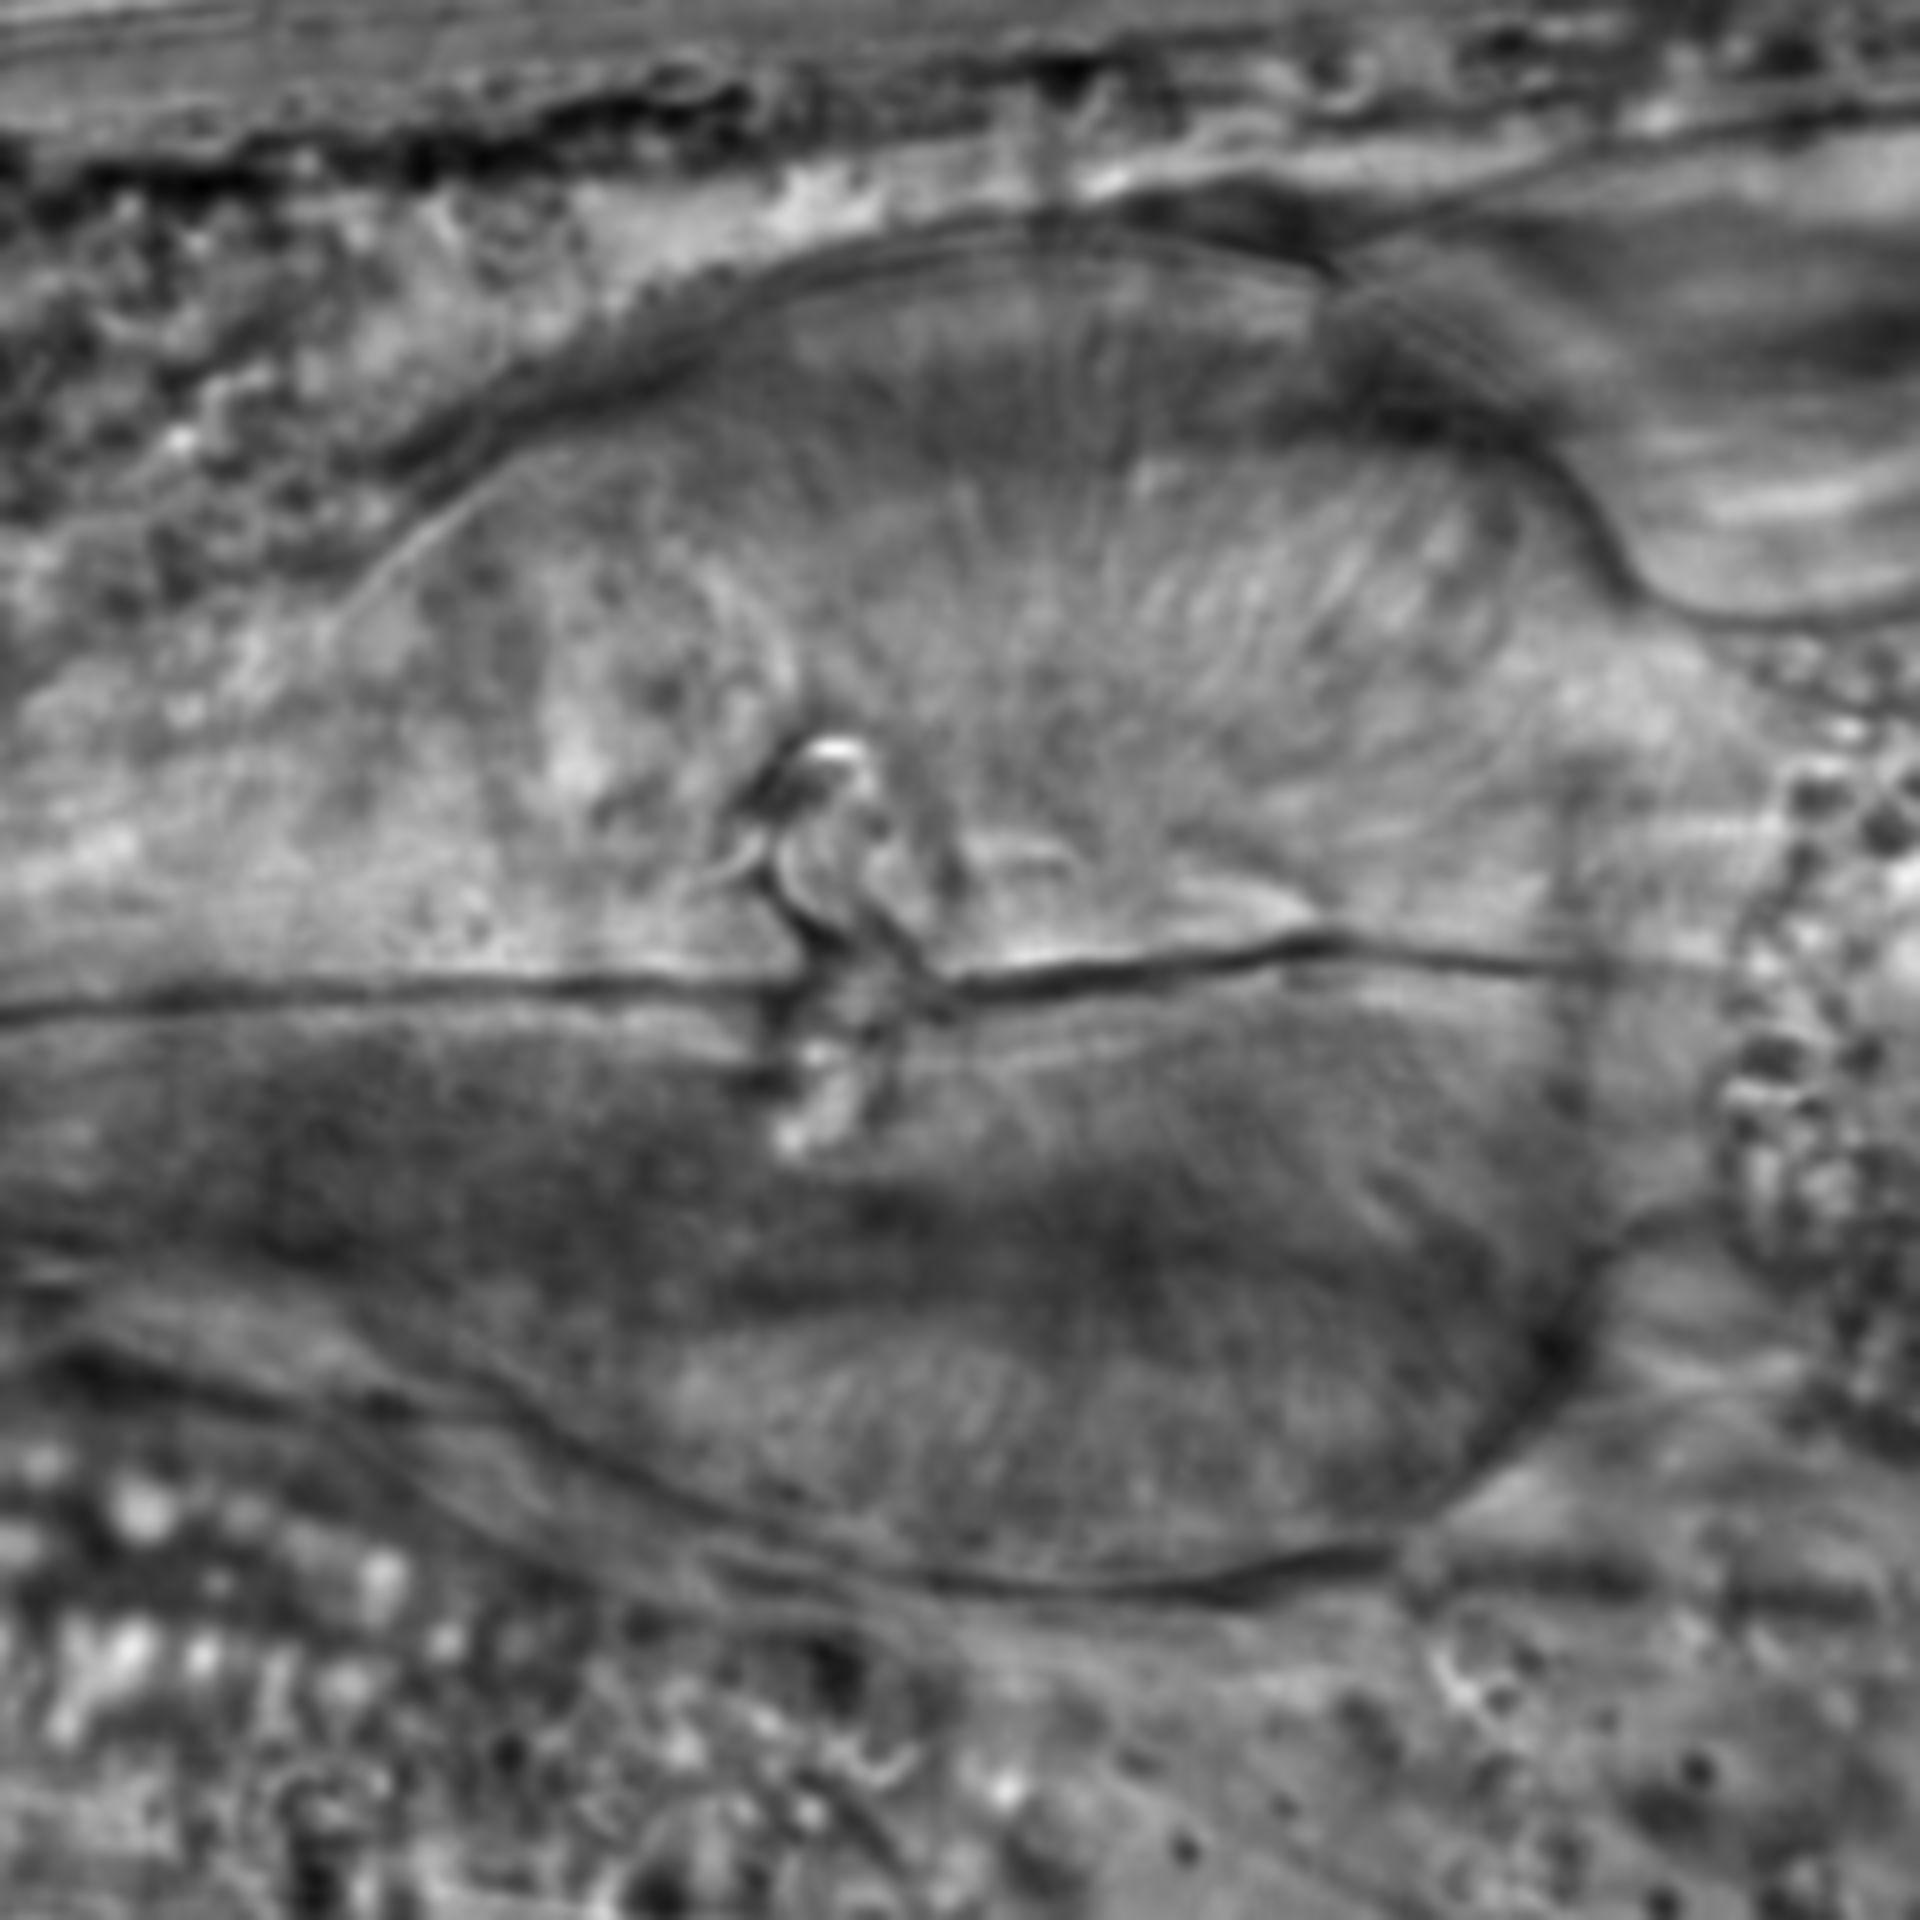 Caenorhabditis elegans - CIL:2795